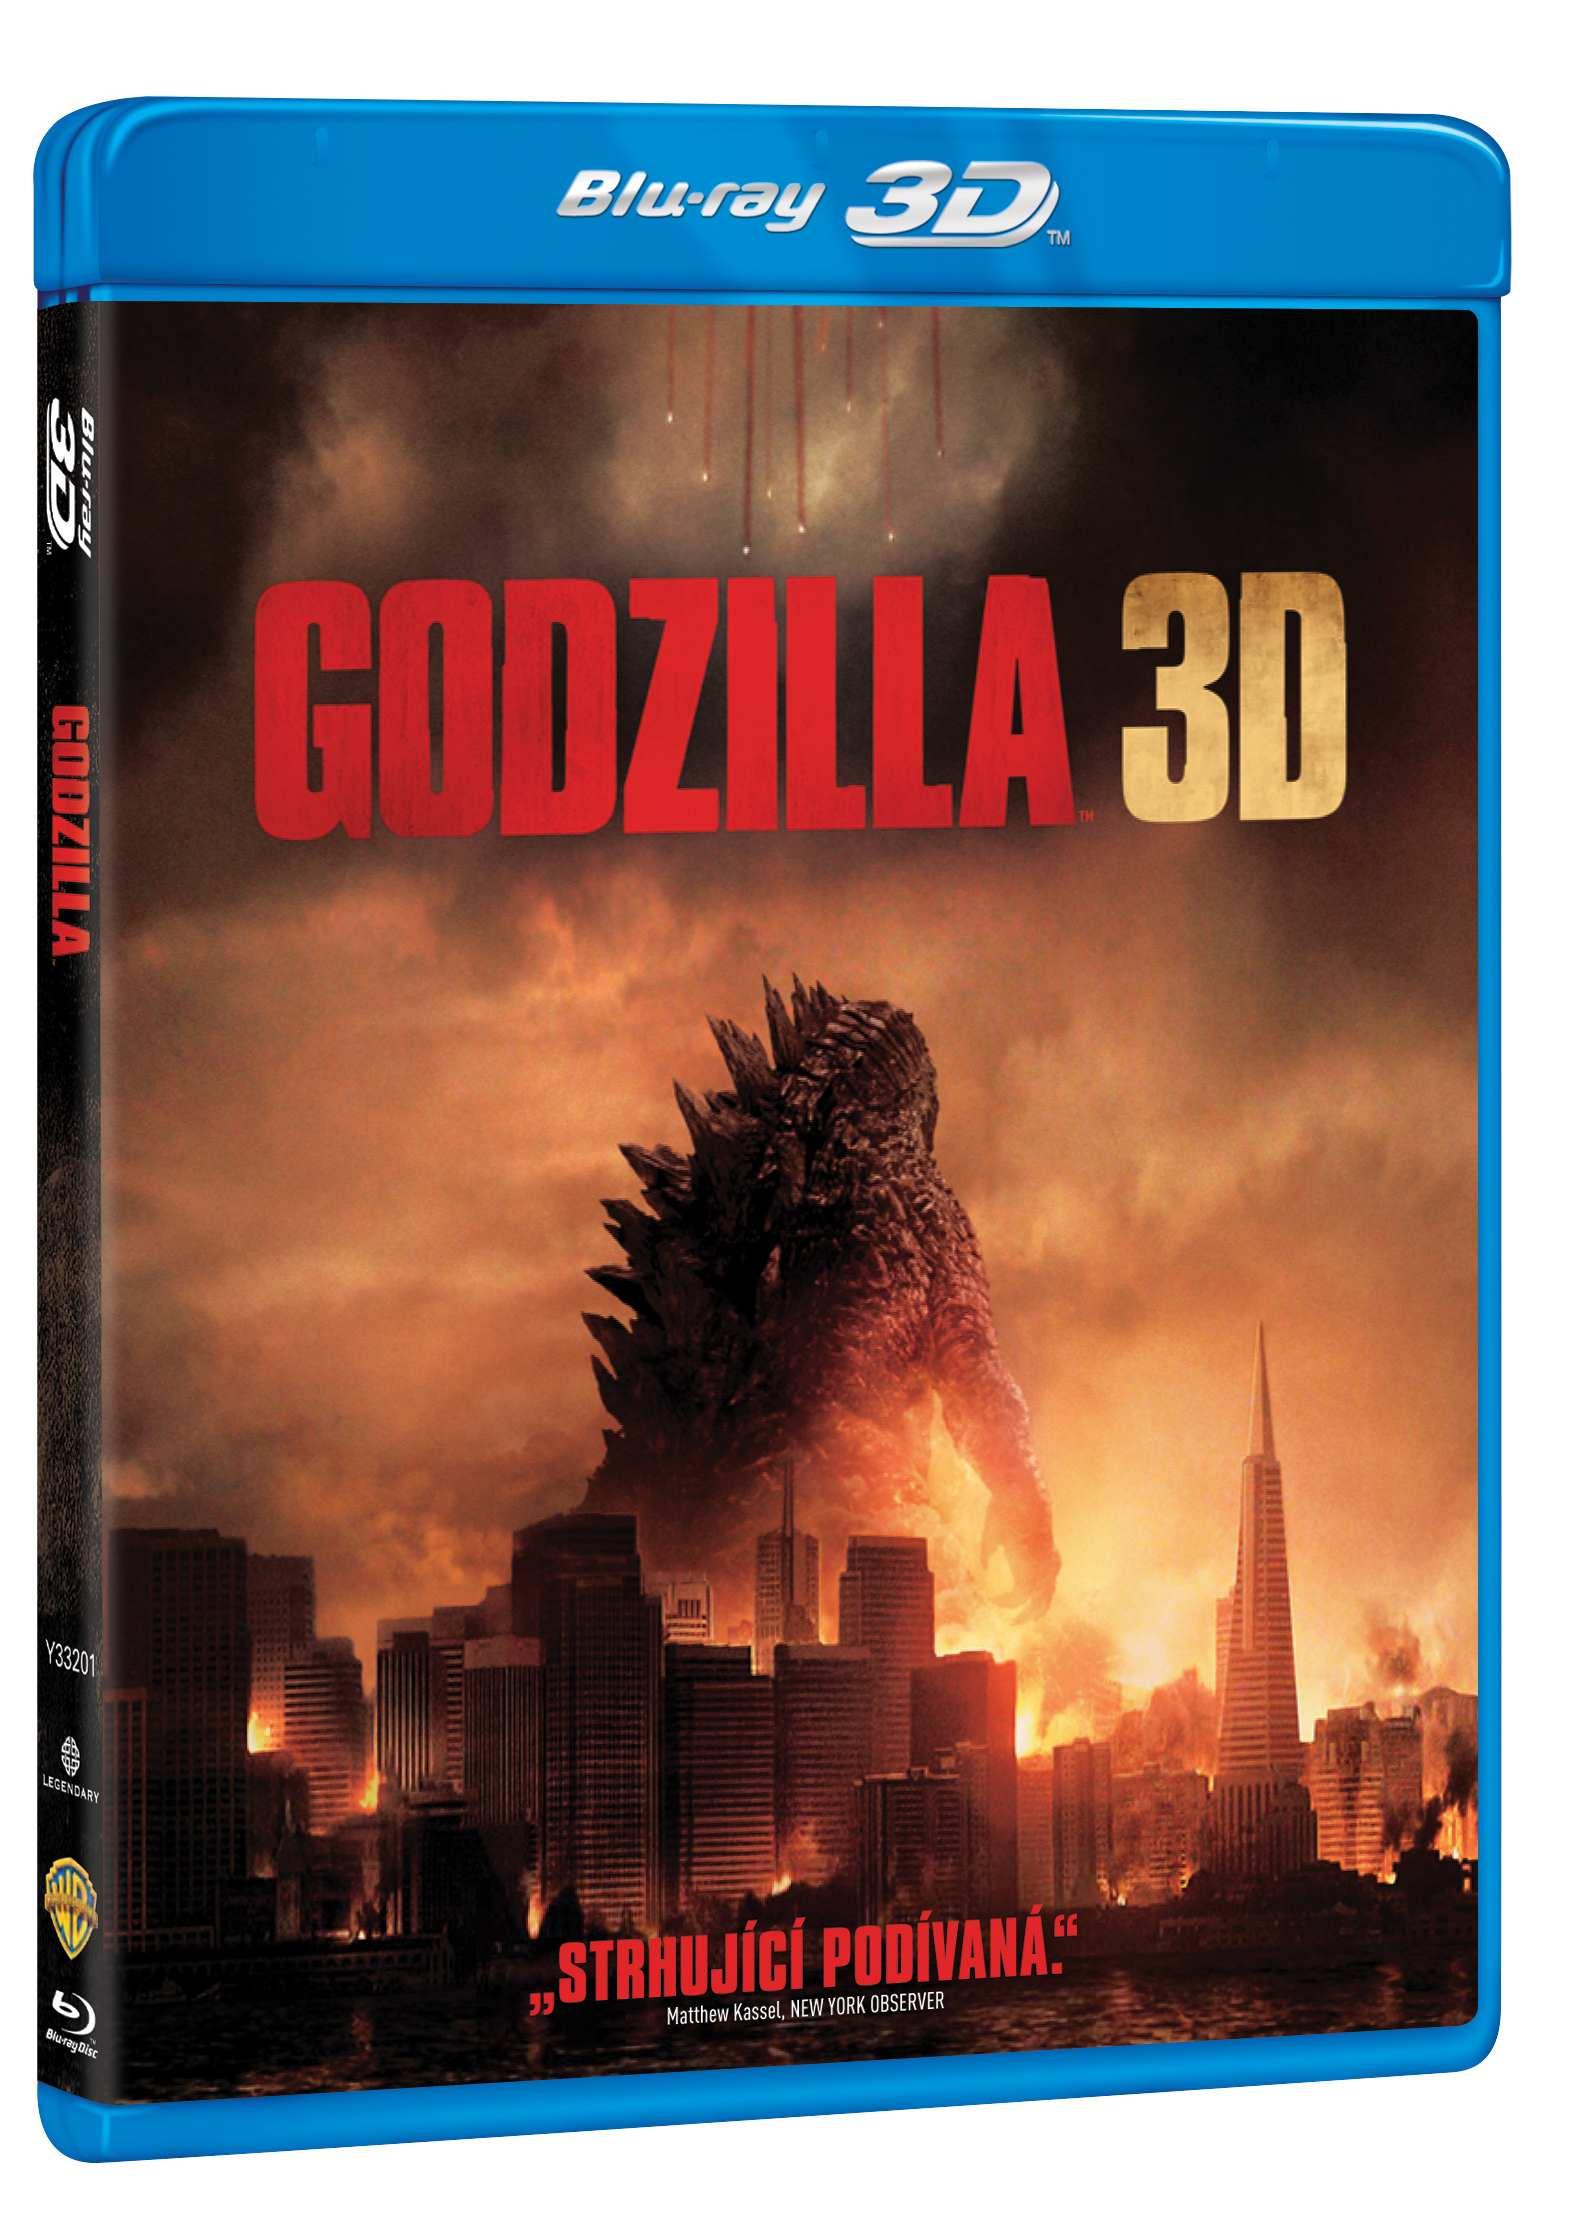 GODZILLA (2014) - Blu-ray 3D + 2D